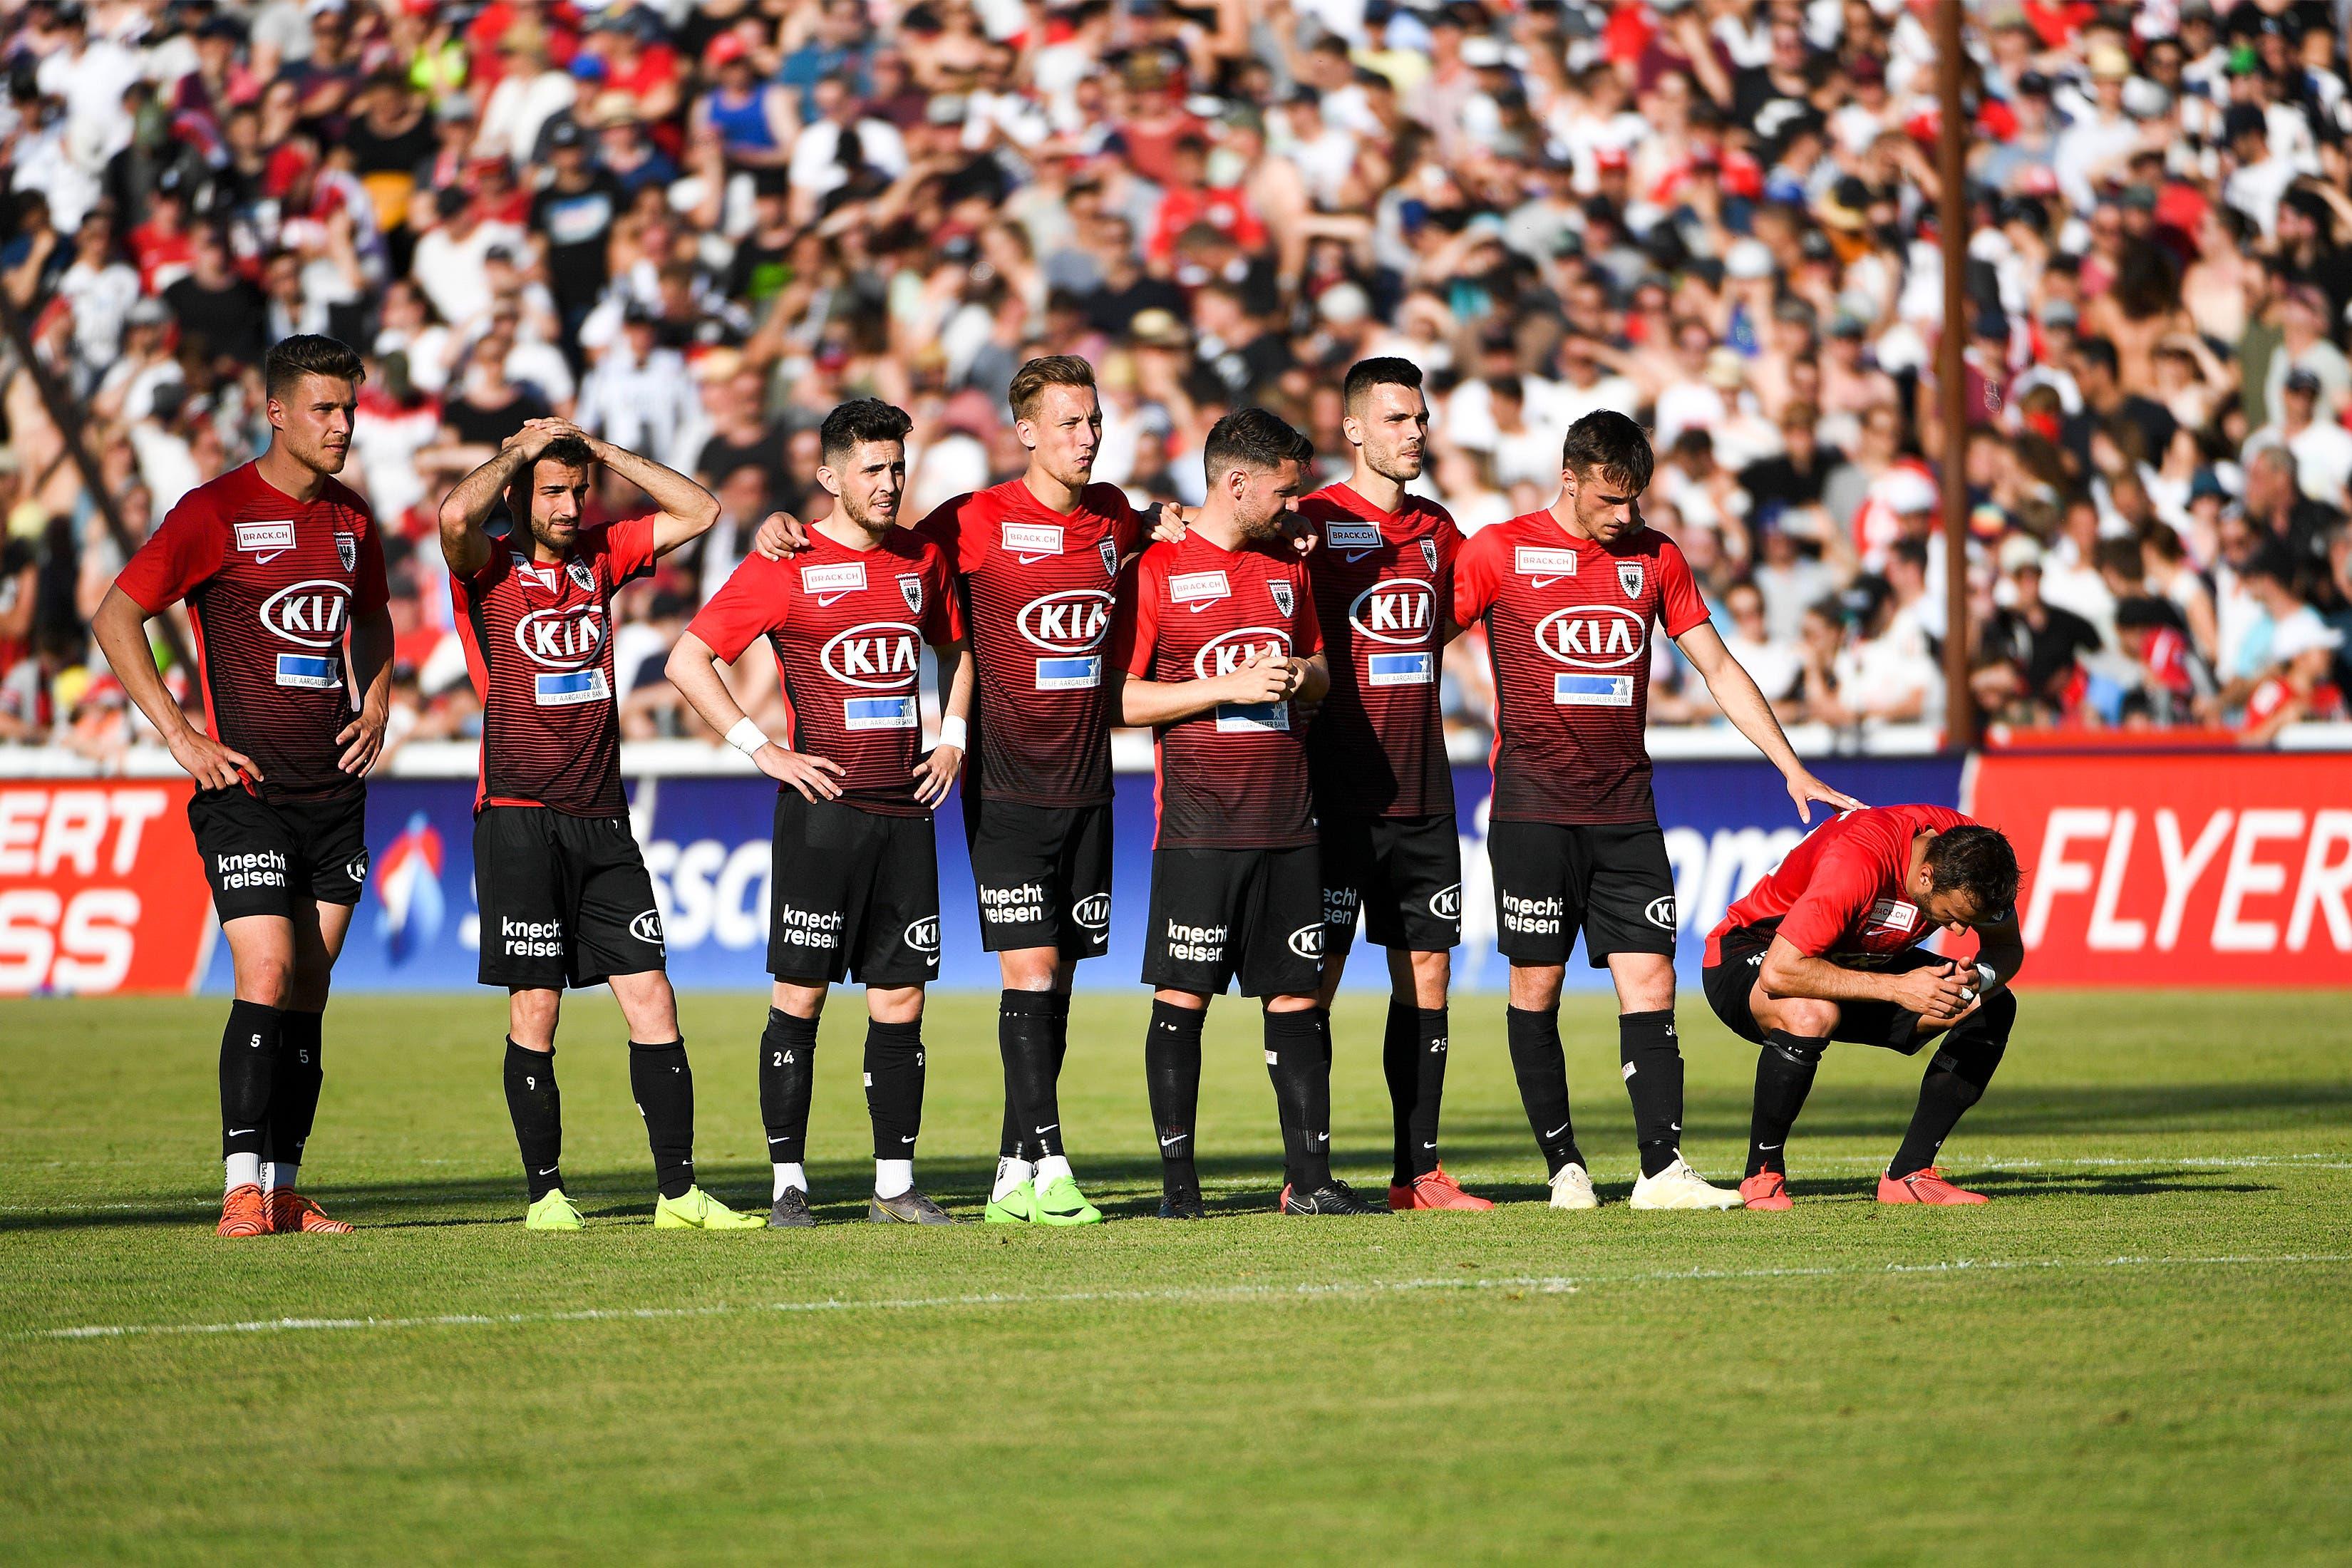 Das Spiel endete für Tasar (2. v. l.) und seine Aarau Kollegen mit der dramatischen Niederlage im Penaltyschiessen.